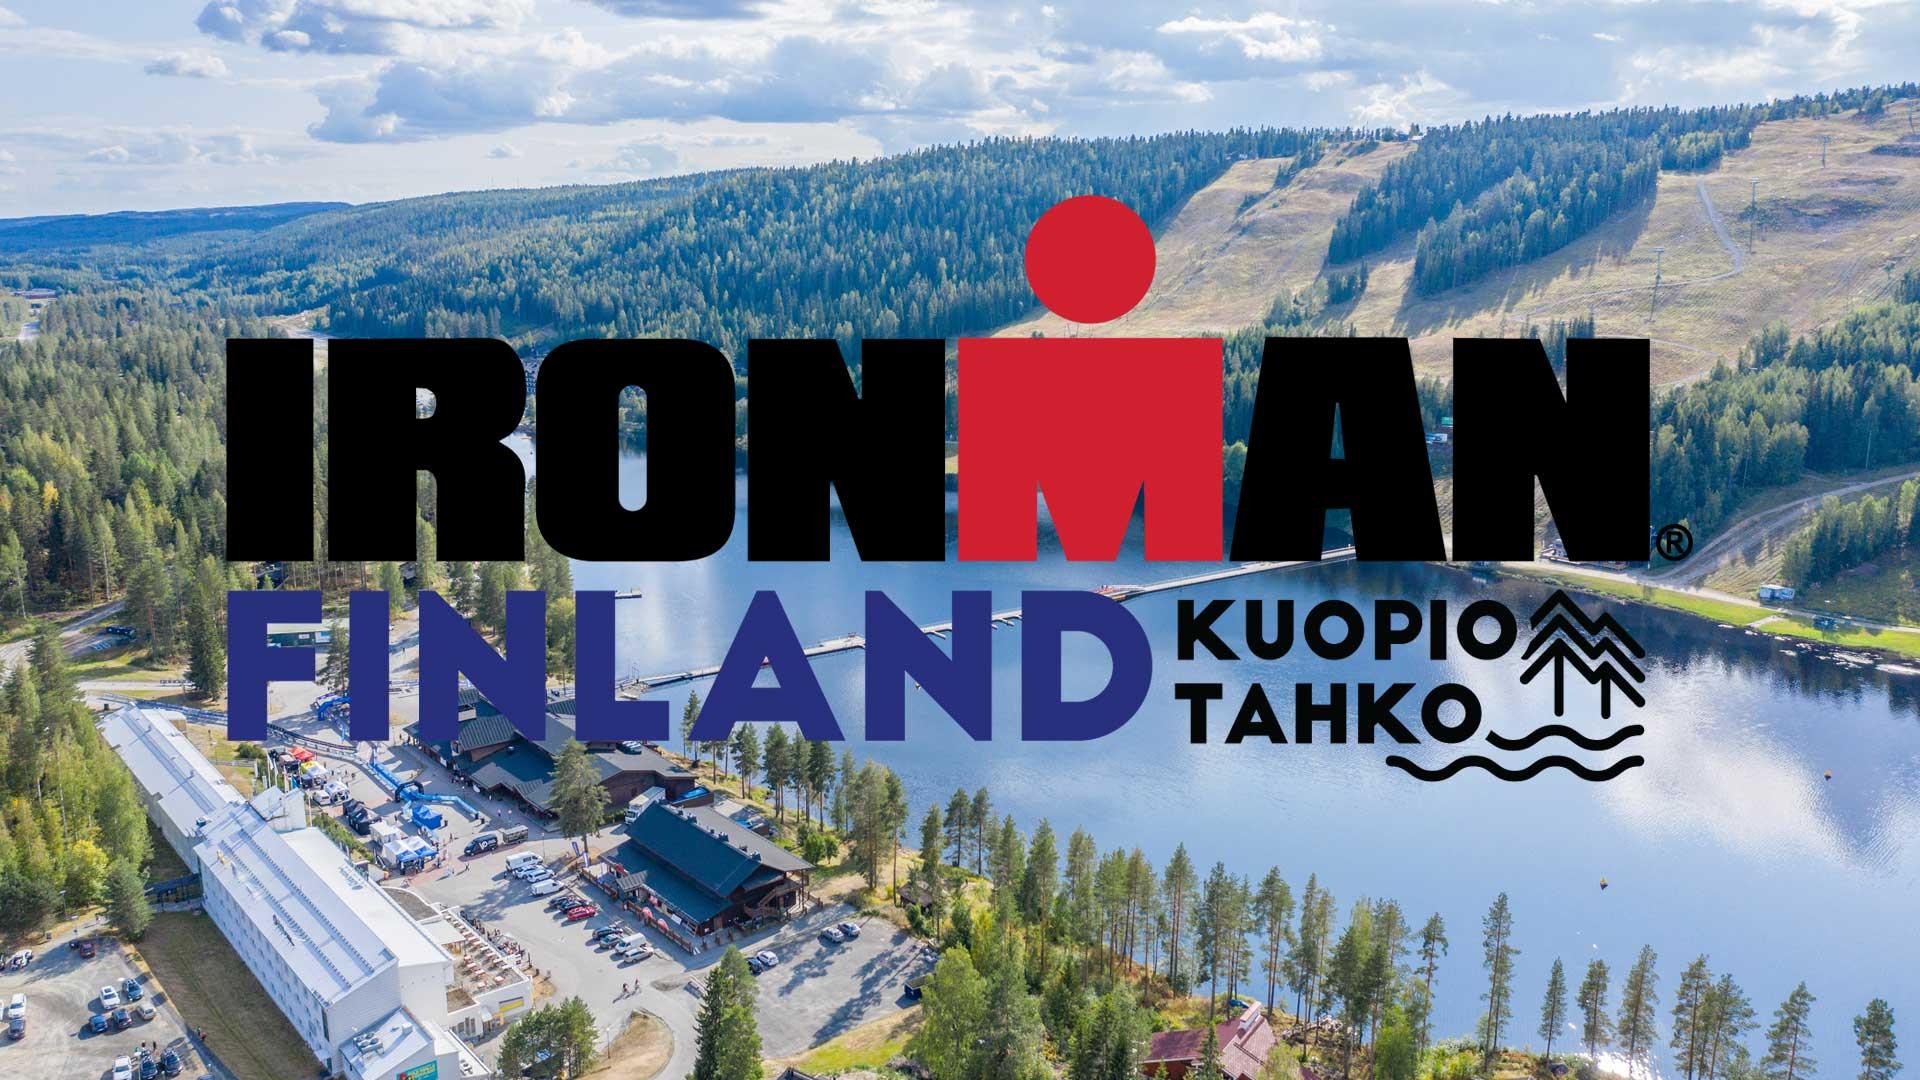 IRONMAN Finland Kuopio-Tahko siirtyy järjestettäväksi vuosina 2021-2023